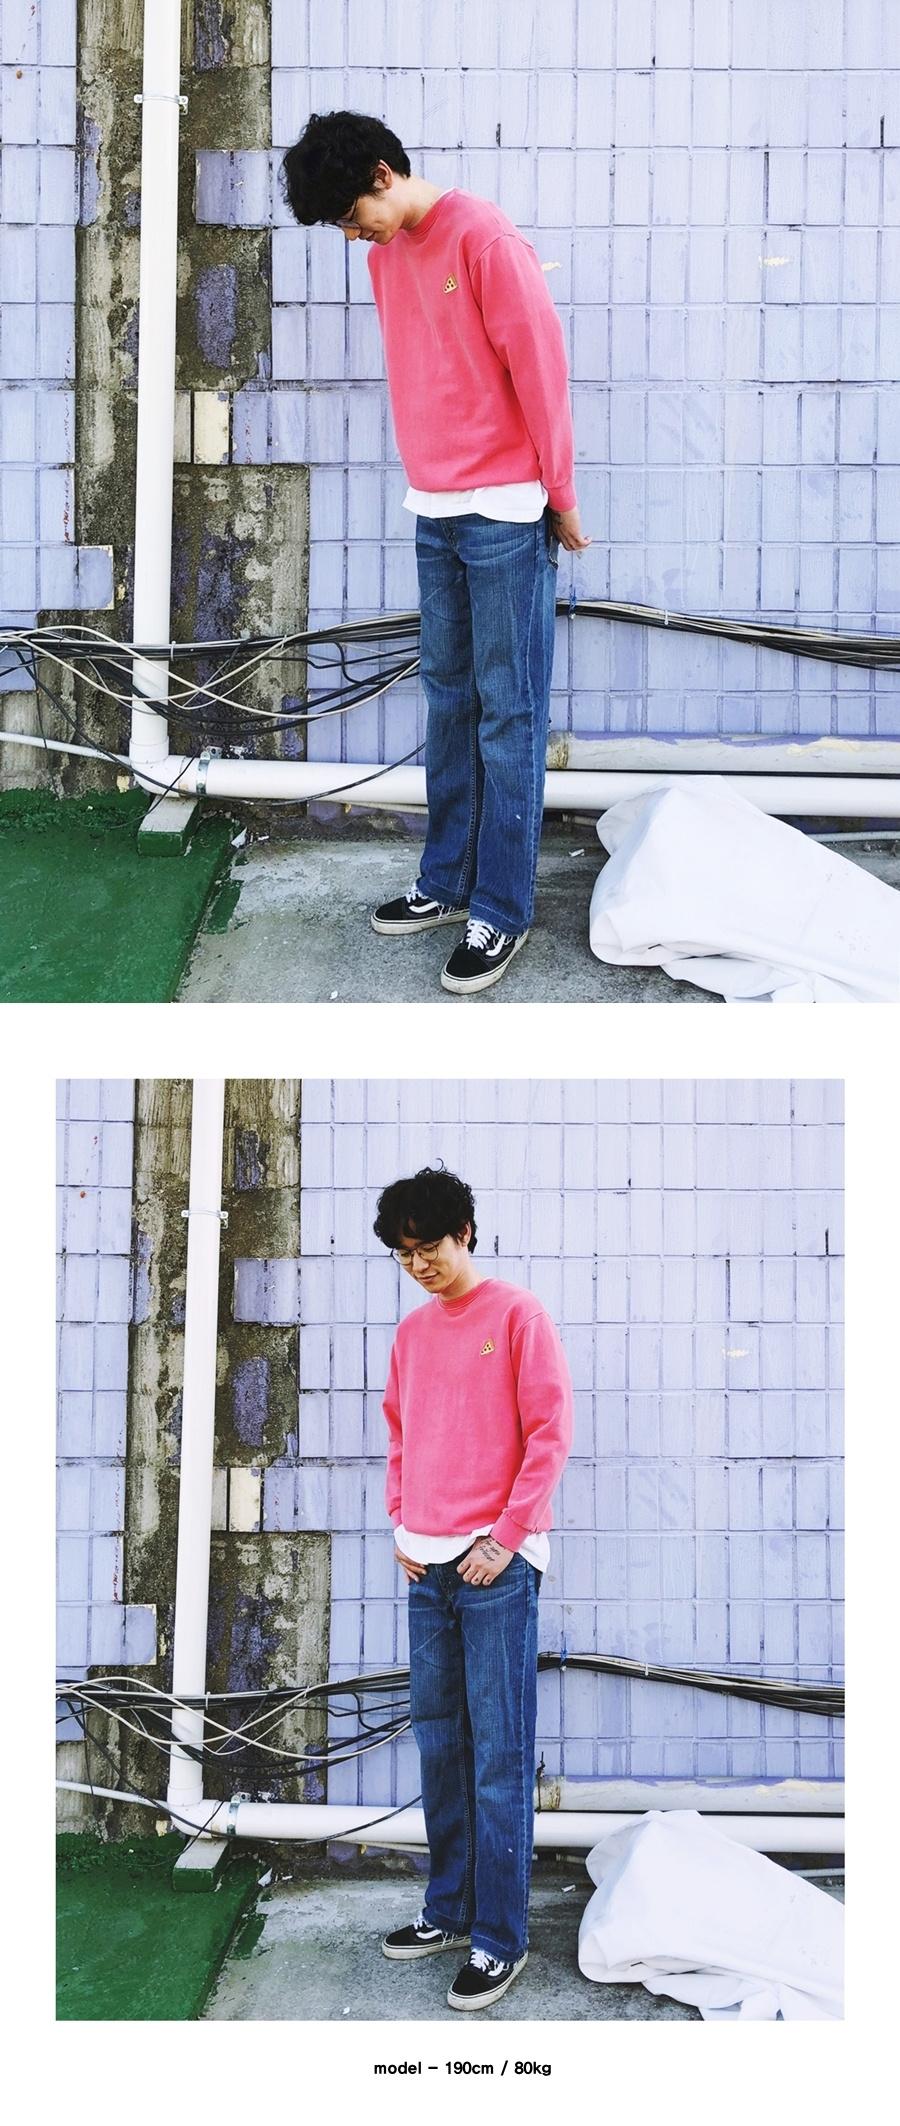 런디에스(RUNDS) 베이직 피그먼트 스웨트셔츠 (핑크)